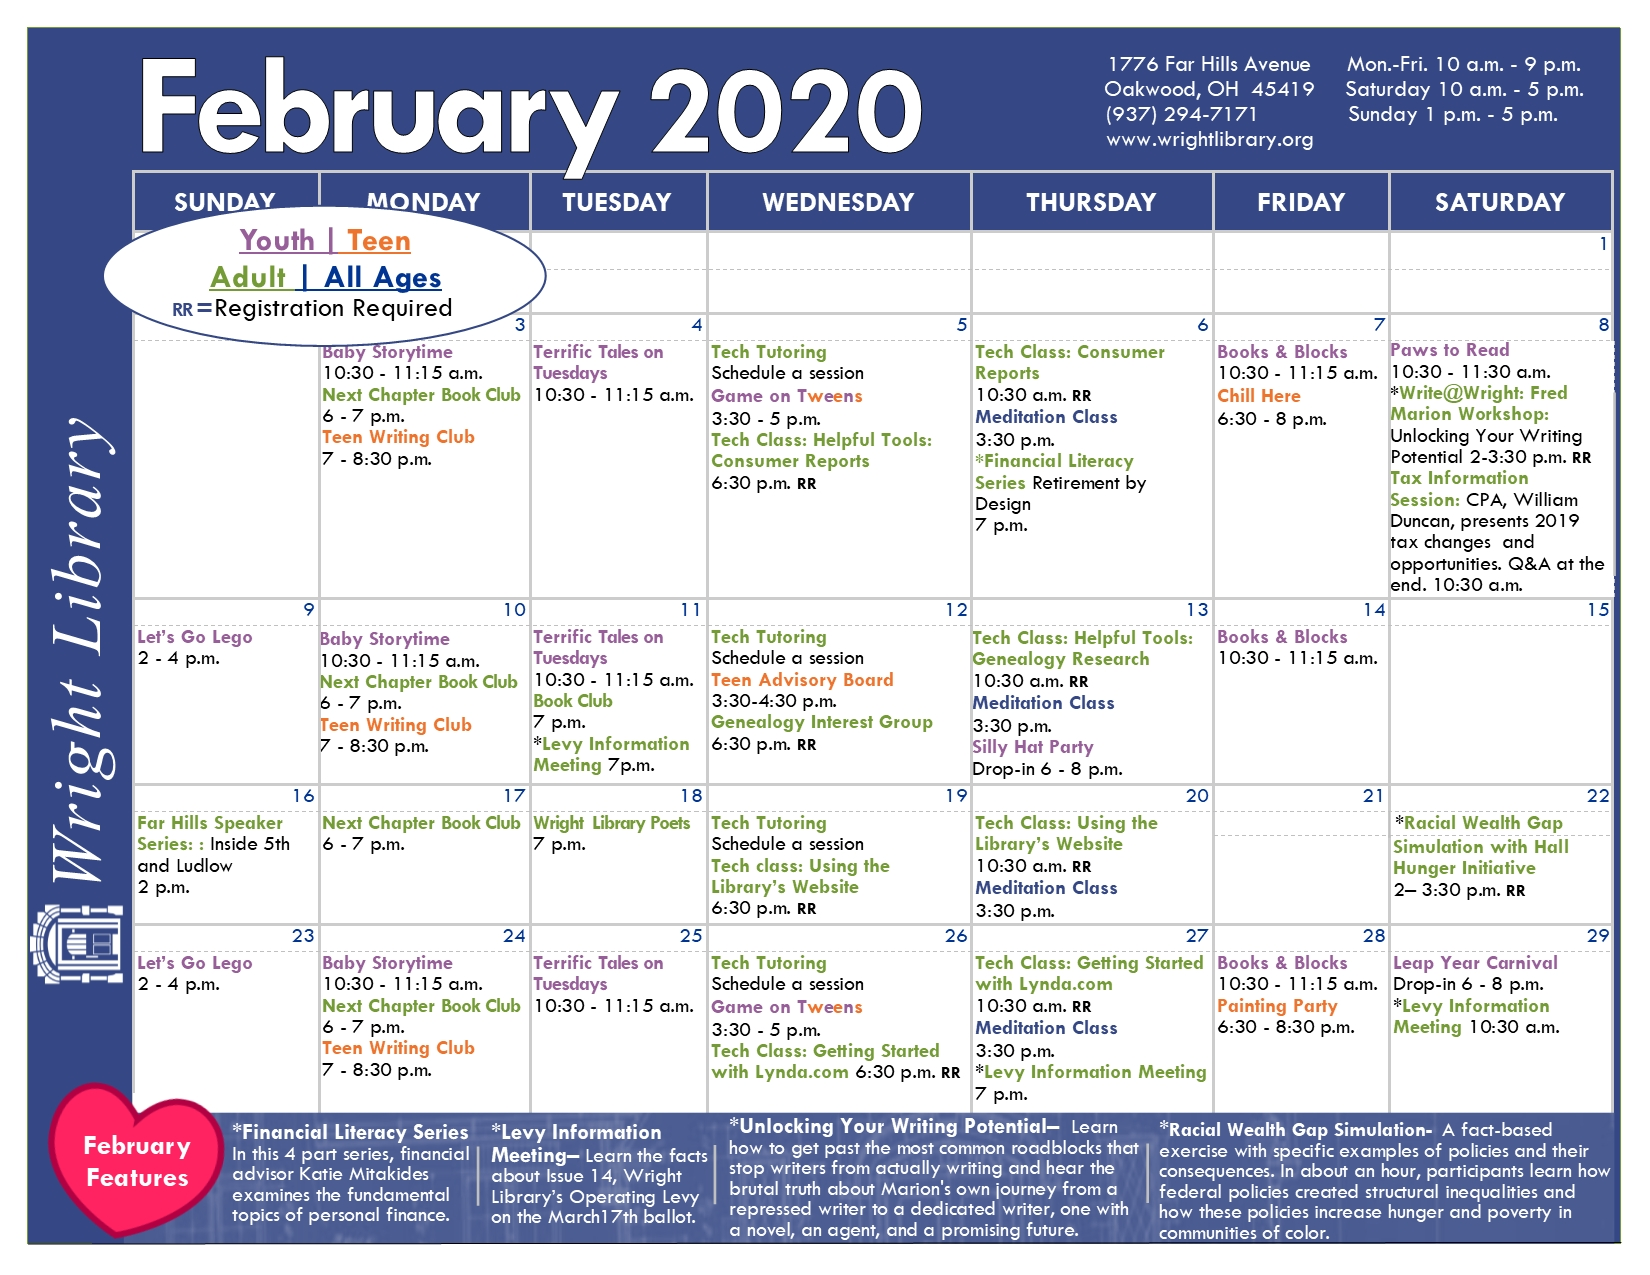 Printable Calendar | Wright Public Library